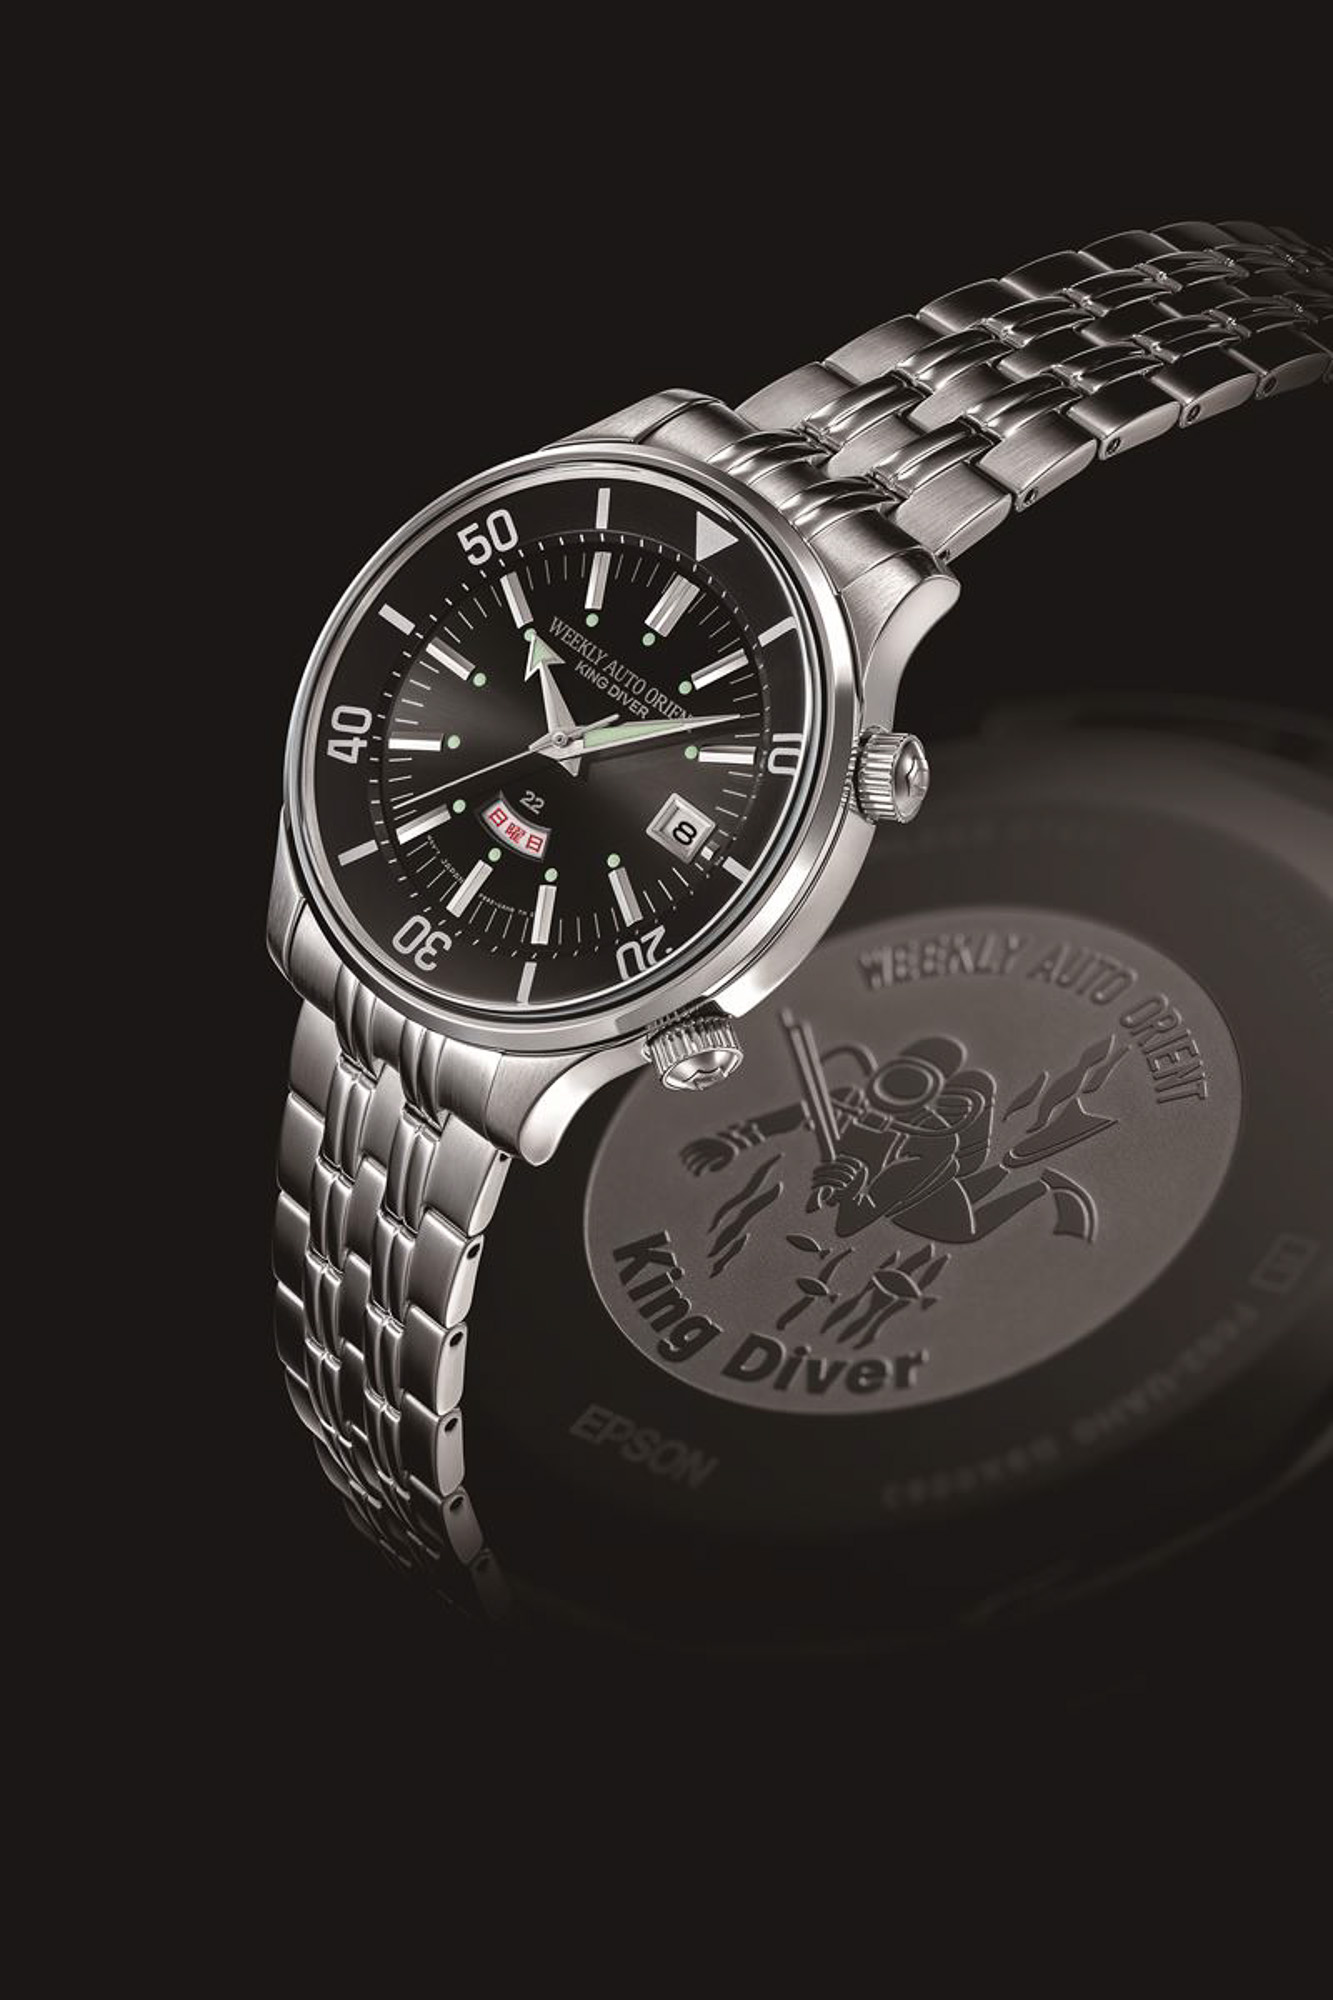 Actualités des montres non russes - Page 17 Orient_70th_Anniversary-012-1